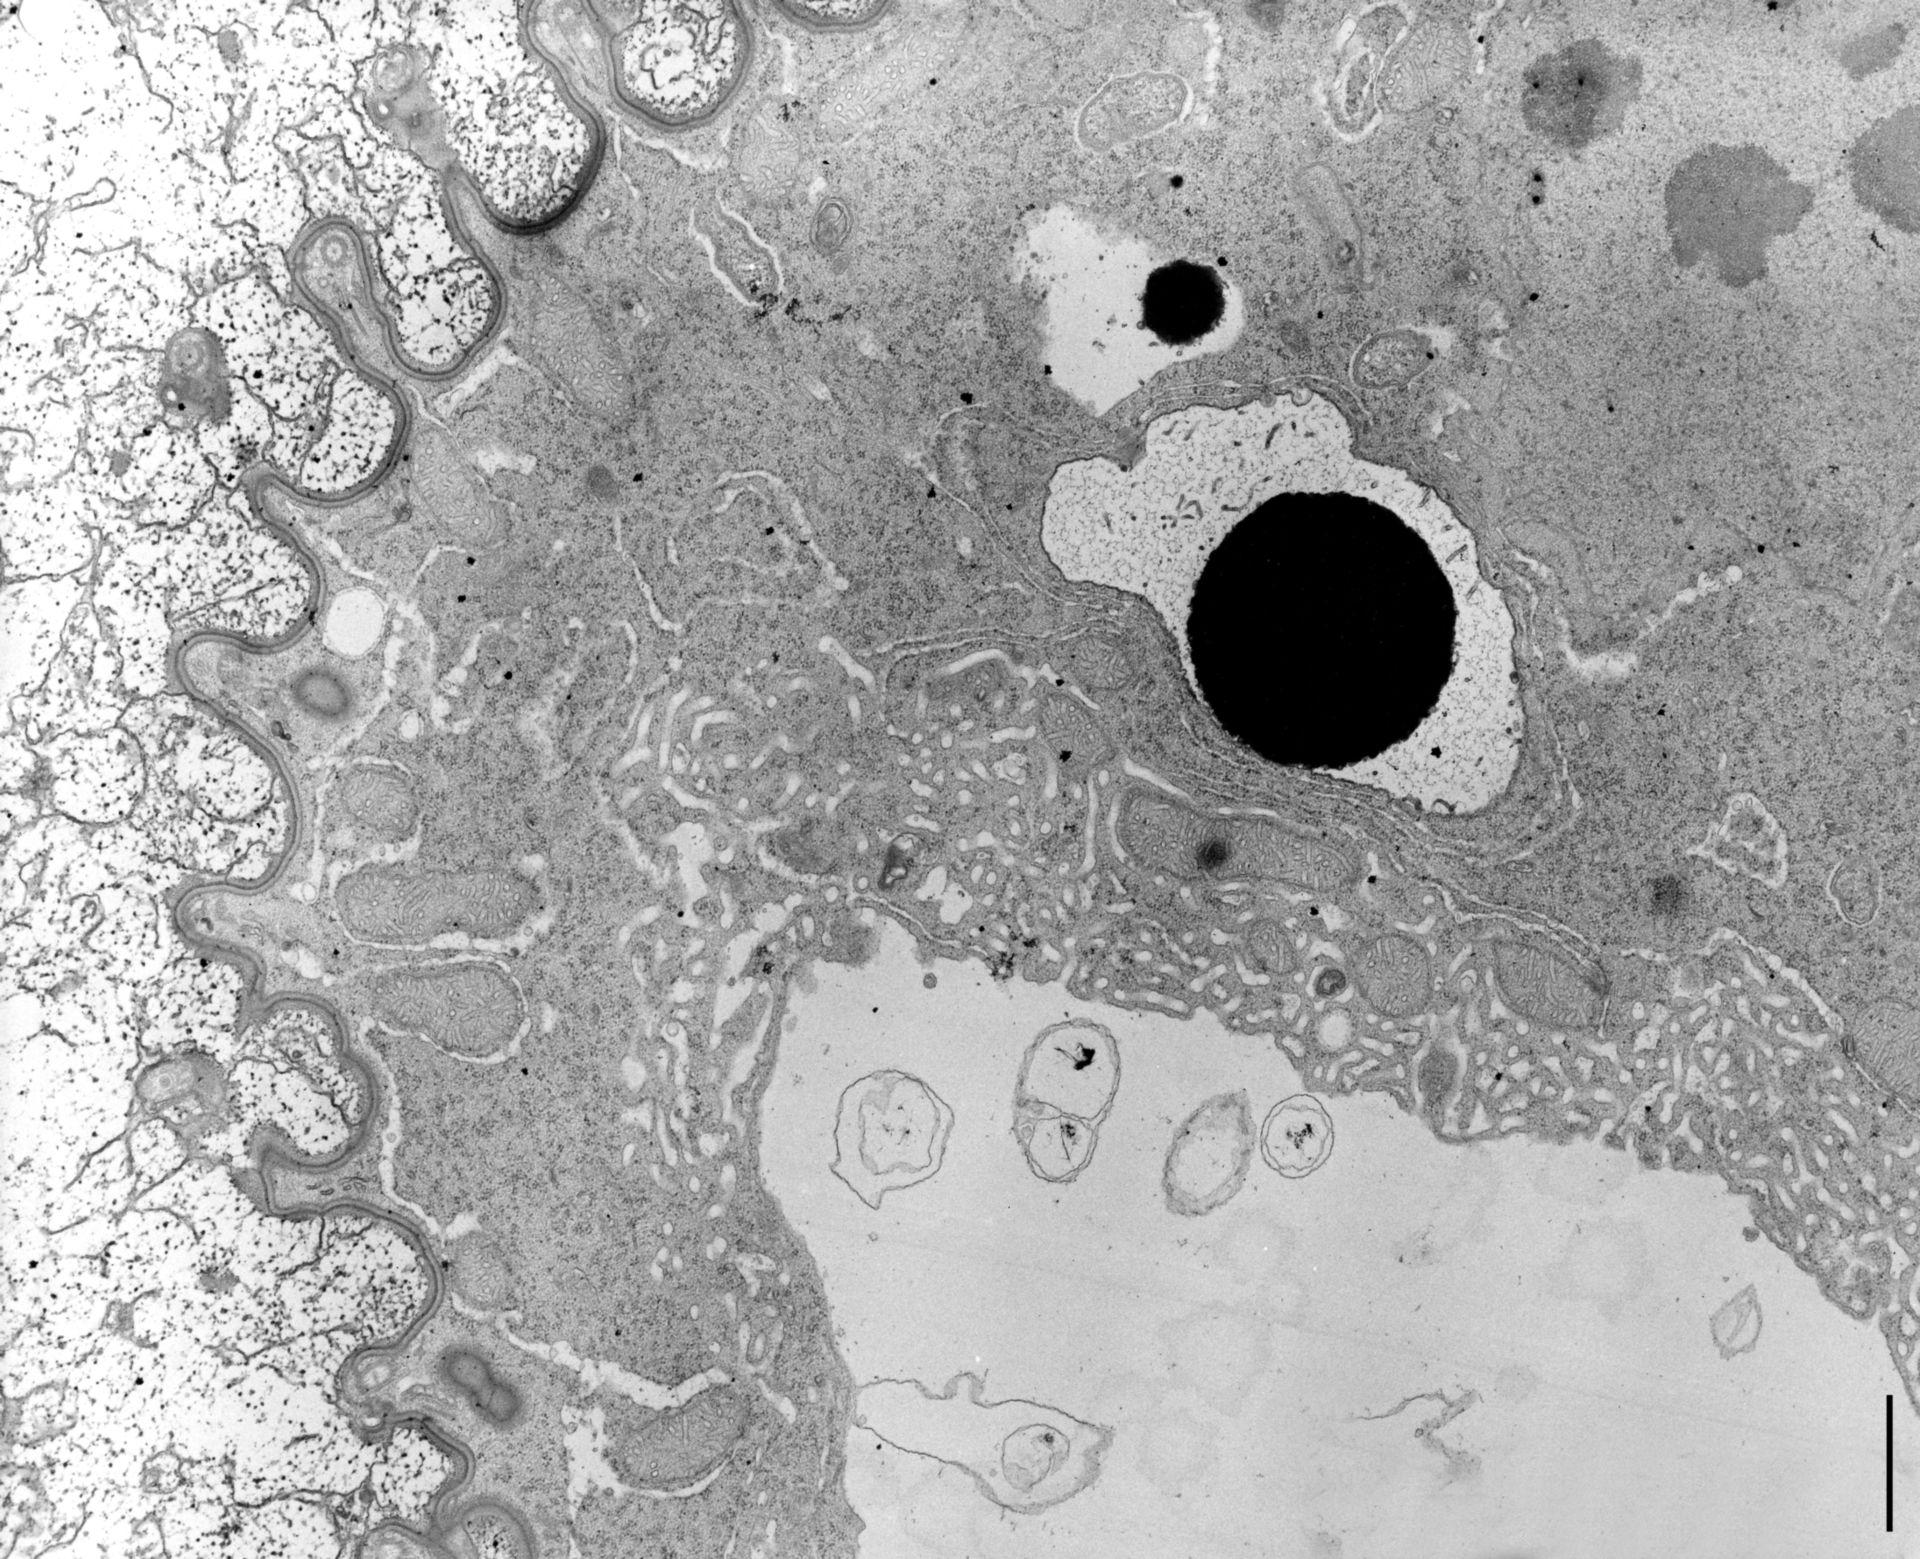 Nassula (cellula corticale) - CIL:9843